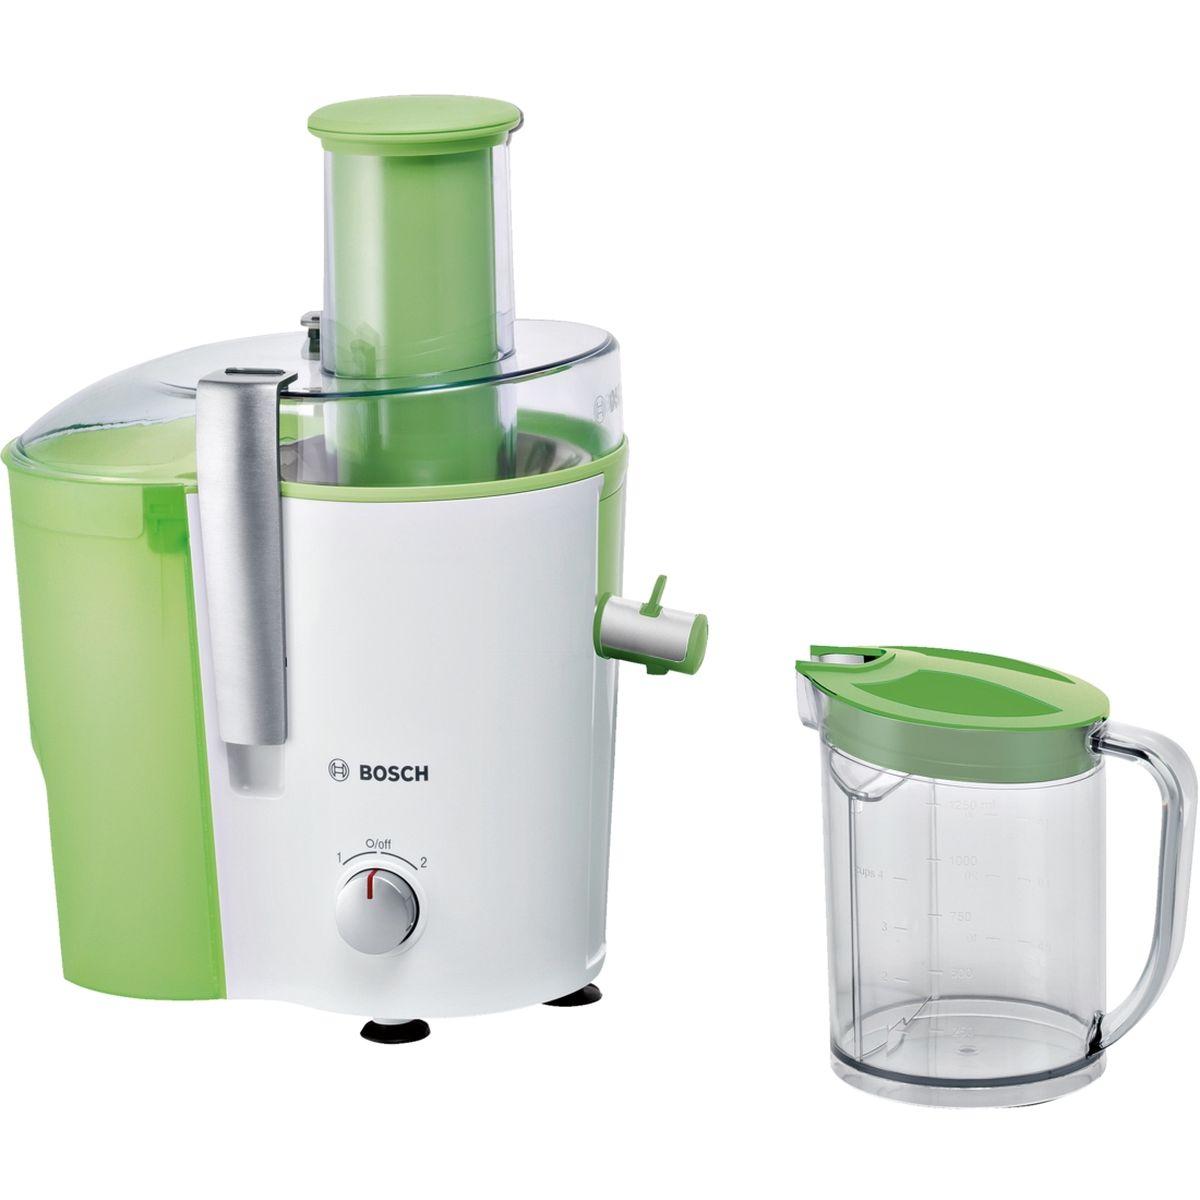 Bosch MES25G0, White Green соковыжималкаMES25G0Cоковыжималка Bosch MES25G0/ - Очень большое отверстие для подачи фруктов (целое яблоко) и овощей - без предварительного нарезания на части - Носик для слива сока, остащенной системой DripStop, предотвращает вытекание сока после отжима и поддерживает рабочую поверхность в идеальной чистоте - Практичное использование благодаря двум режимам скорости для твердых и мягких фруктов - Микроситечко из нержавеющей стали для оптимального отжима сока - Невероятно надежный: мотор начинает функционировать только в том случае, если все детали прибора смонтированы правильно, а крышка прибора закрыта